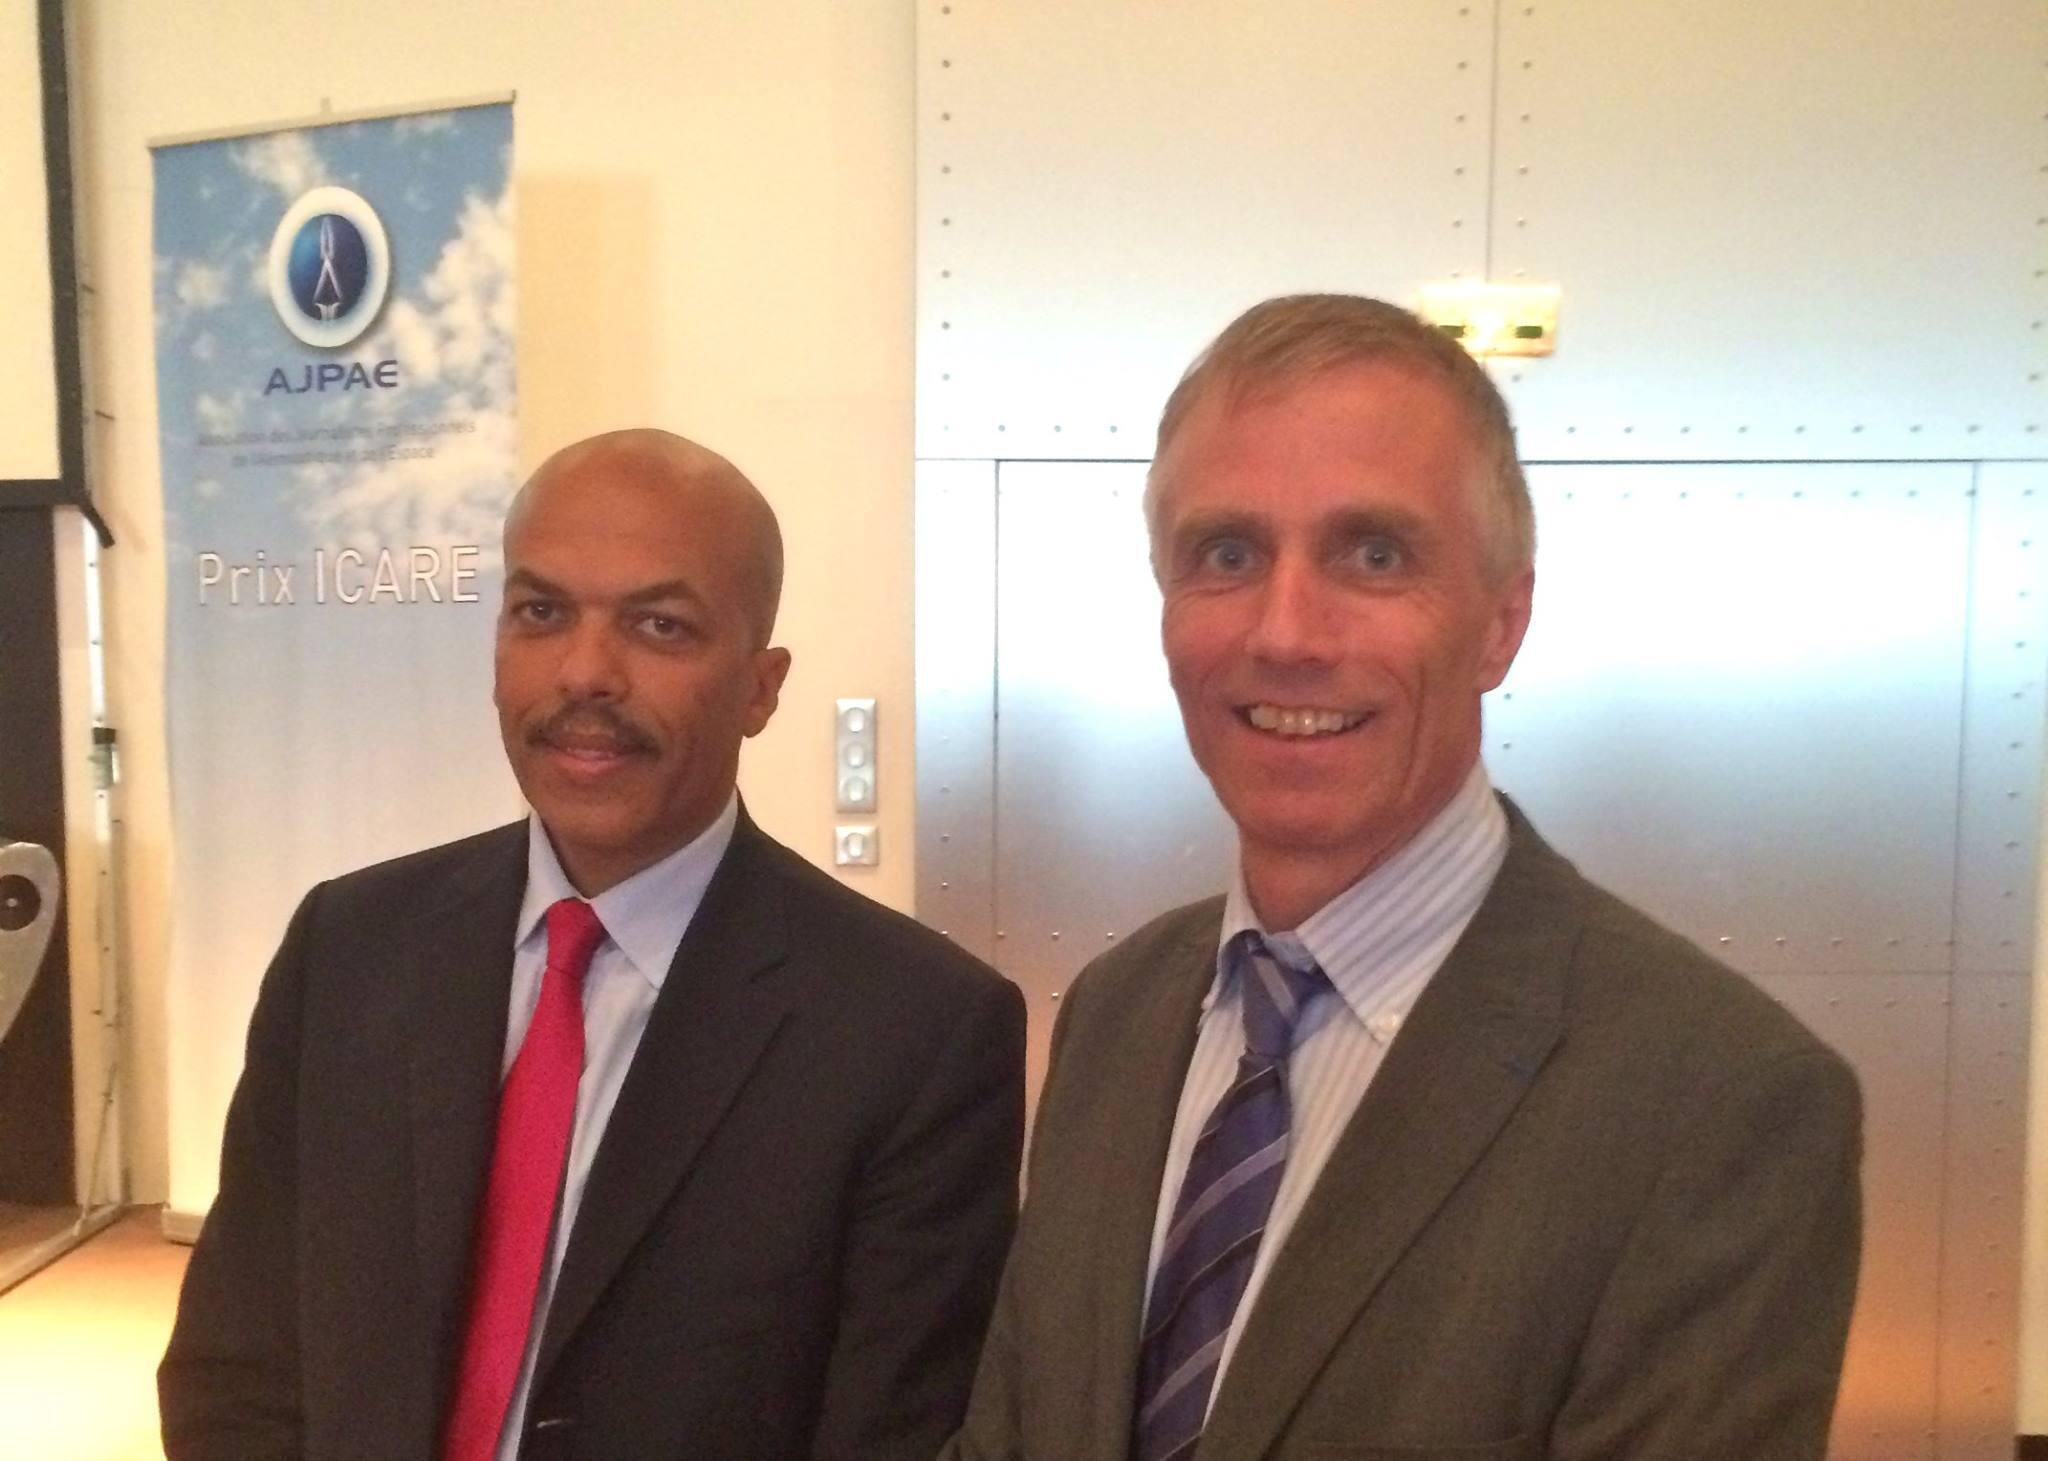 Инженеры Жан-Поль Эбанга и Брюно Гимбаль -обладатели, соответственно, премии Icare International 2014 и Icare 2014